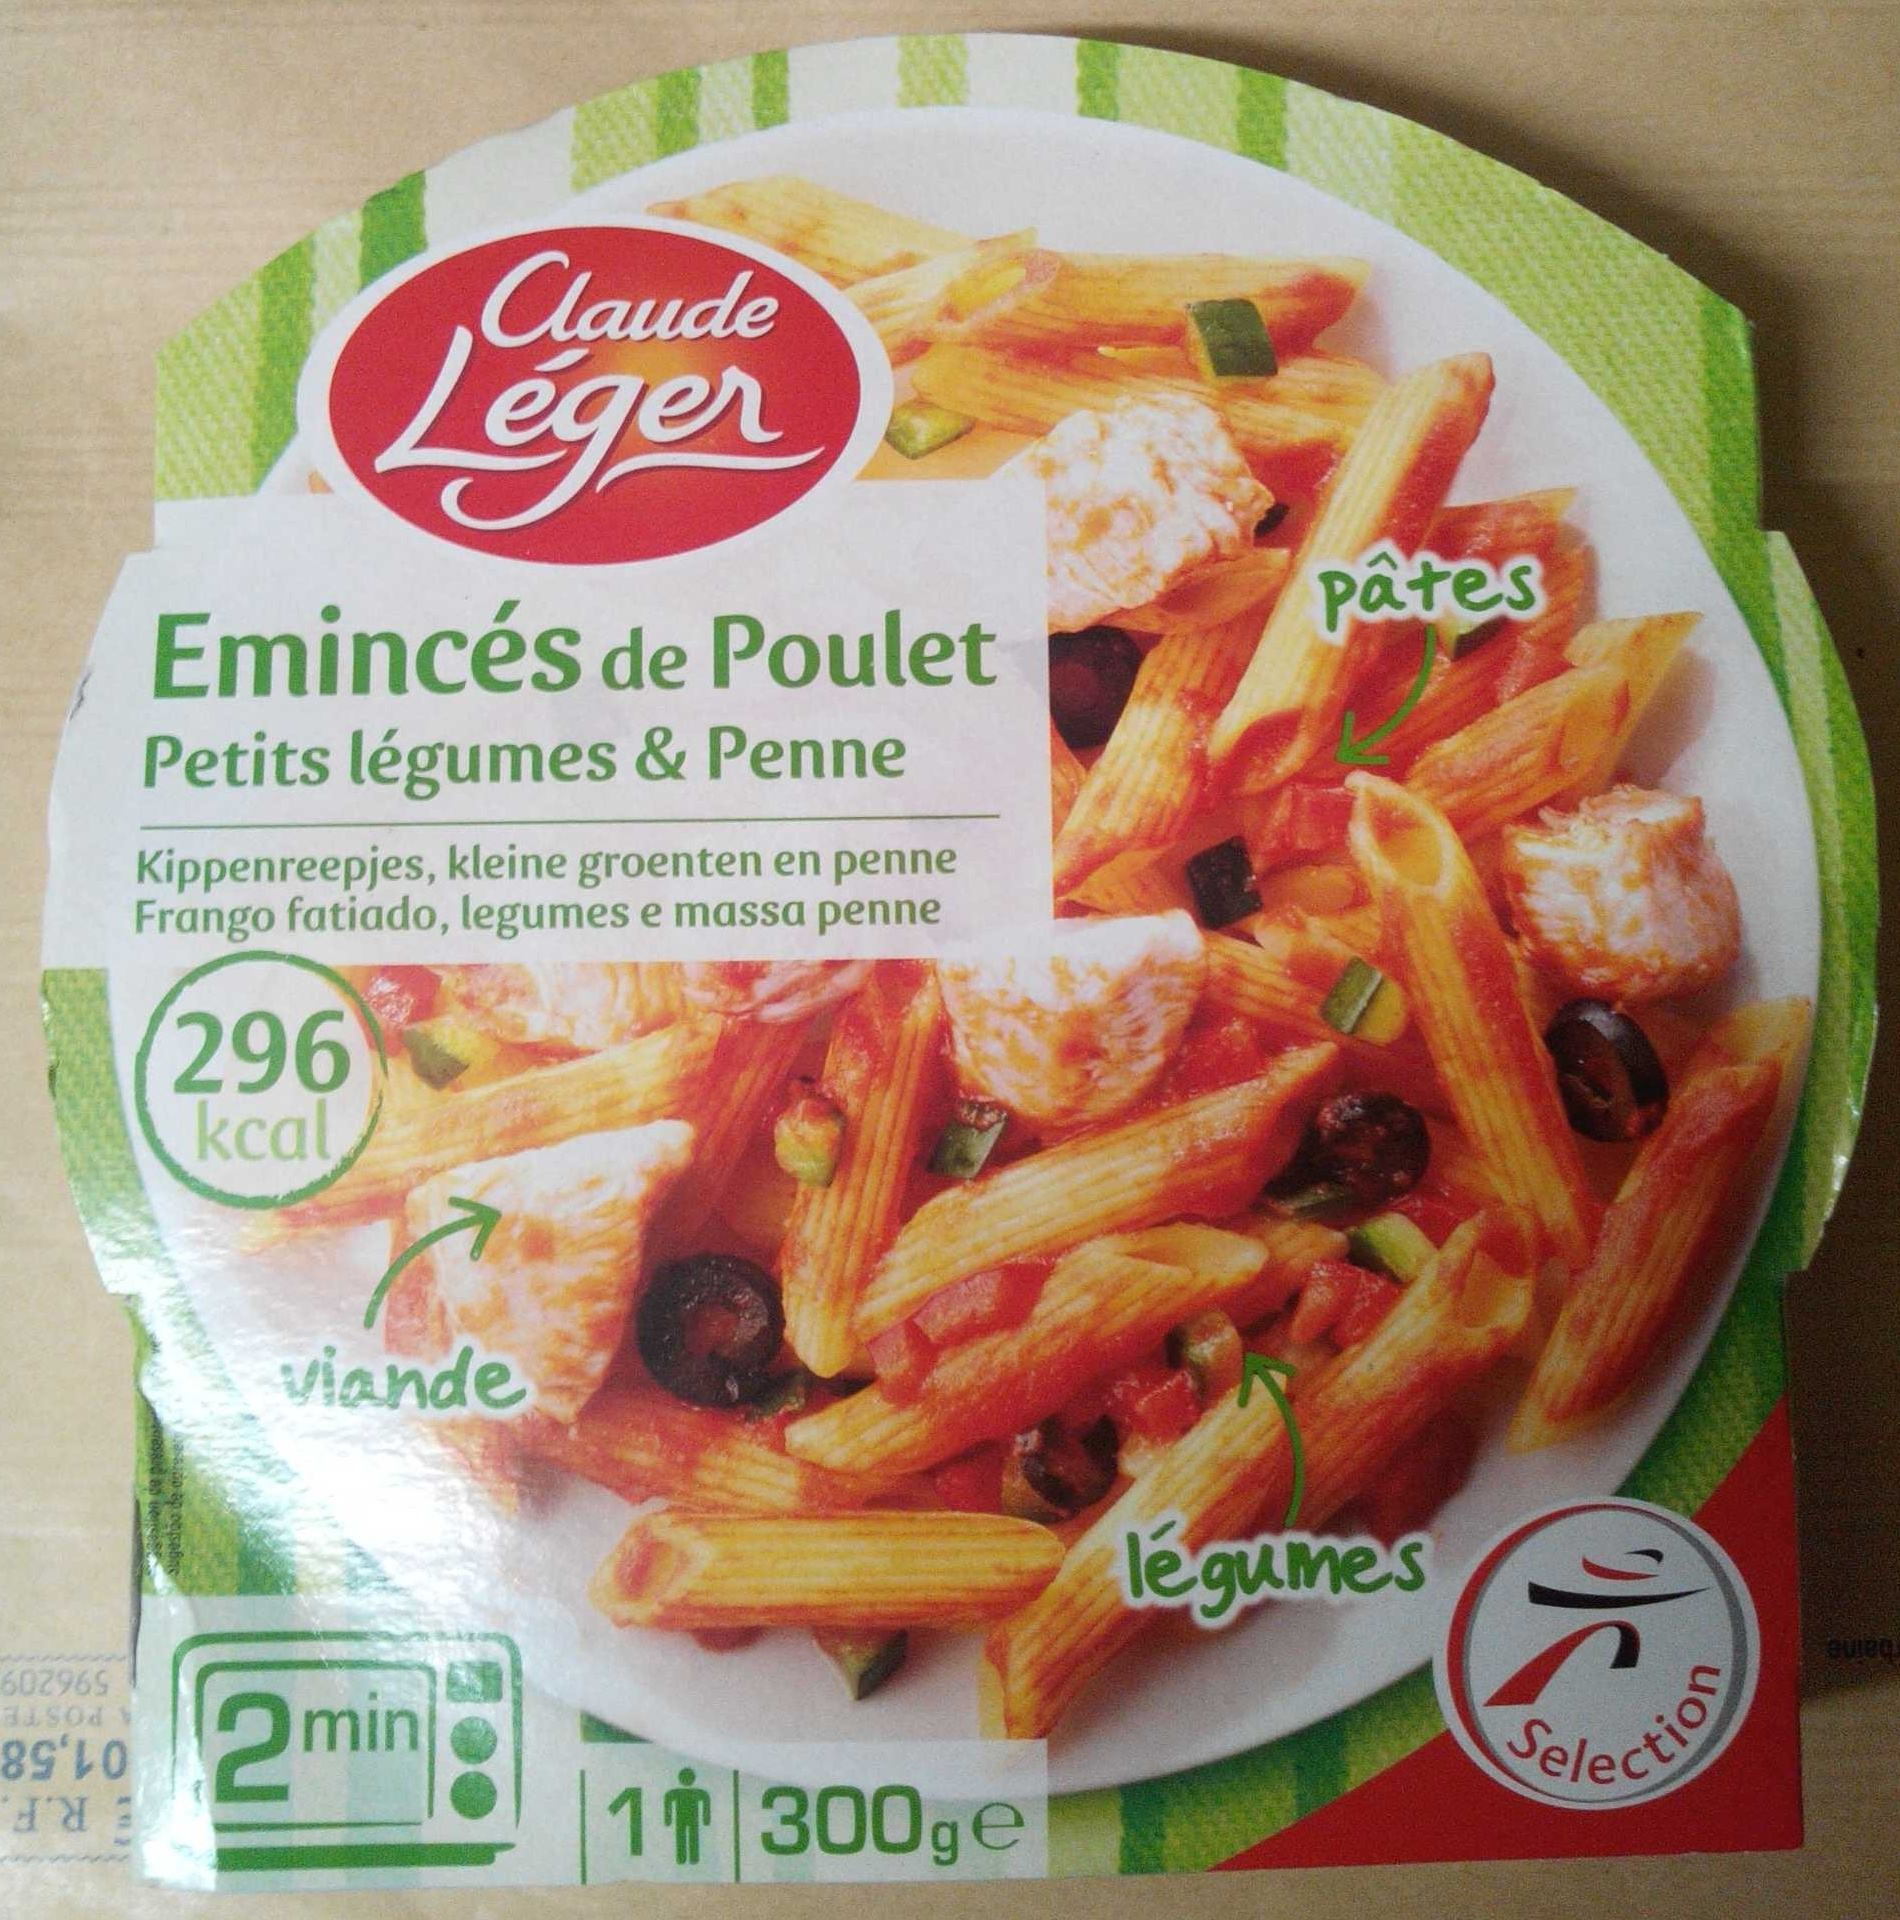 Émincés de Poulet, Petits légumes & Penne - Produit - fr